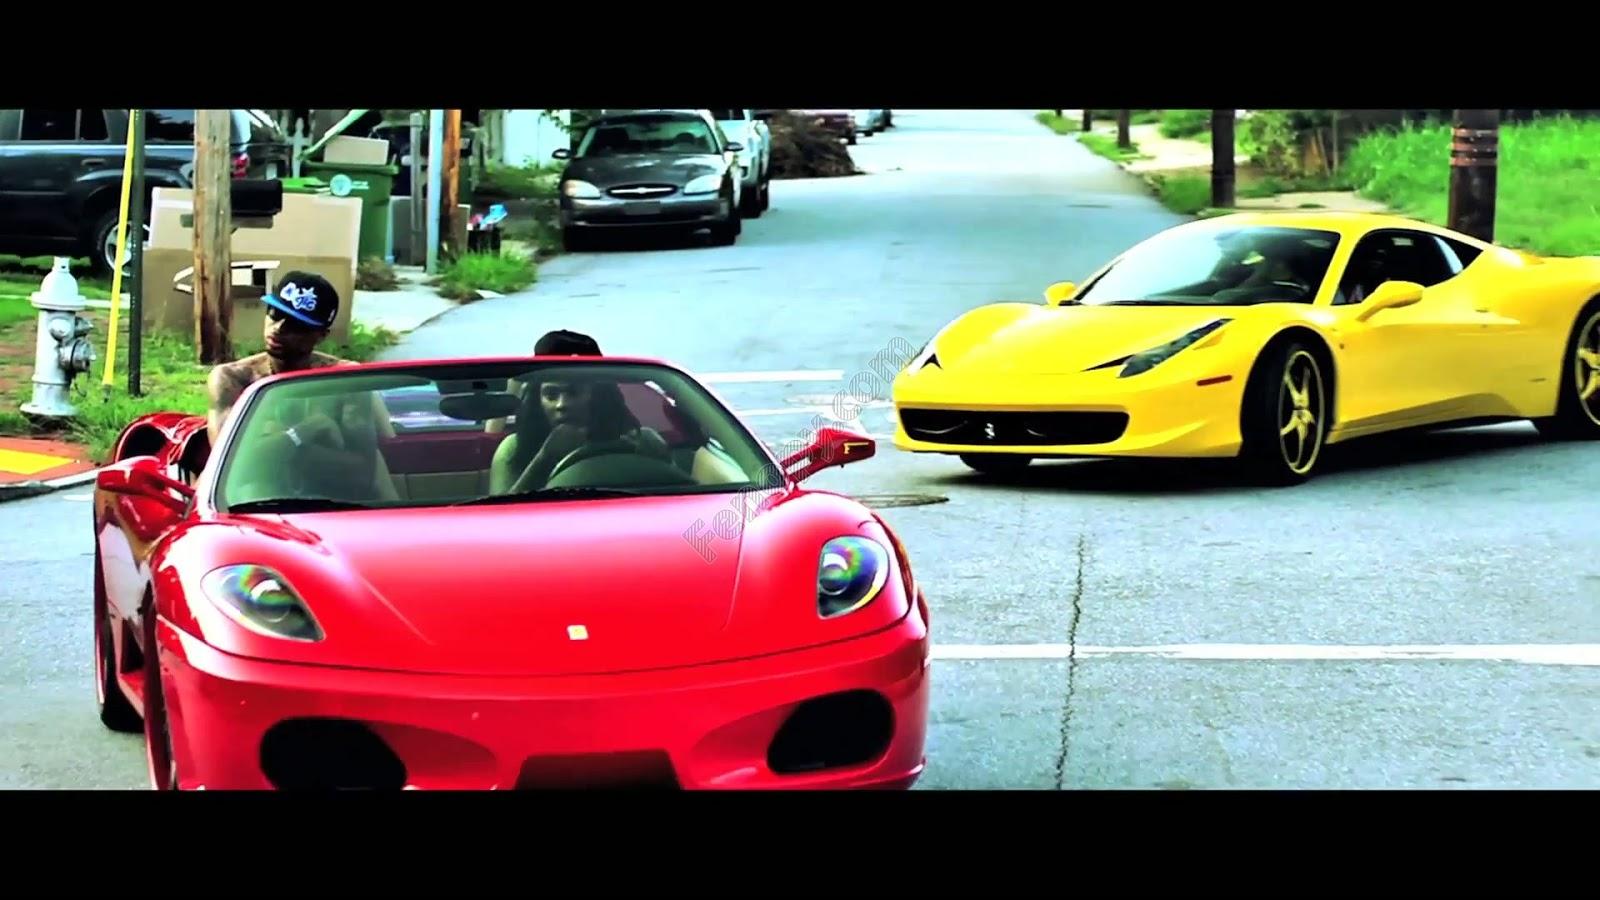 bmw car collection ferrari f430 ghost m6 rolls royce waka flocka flame